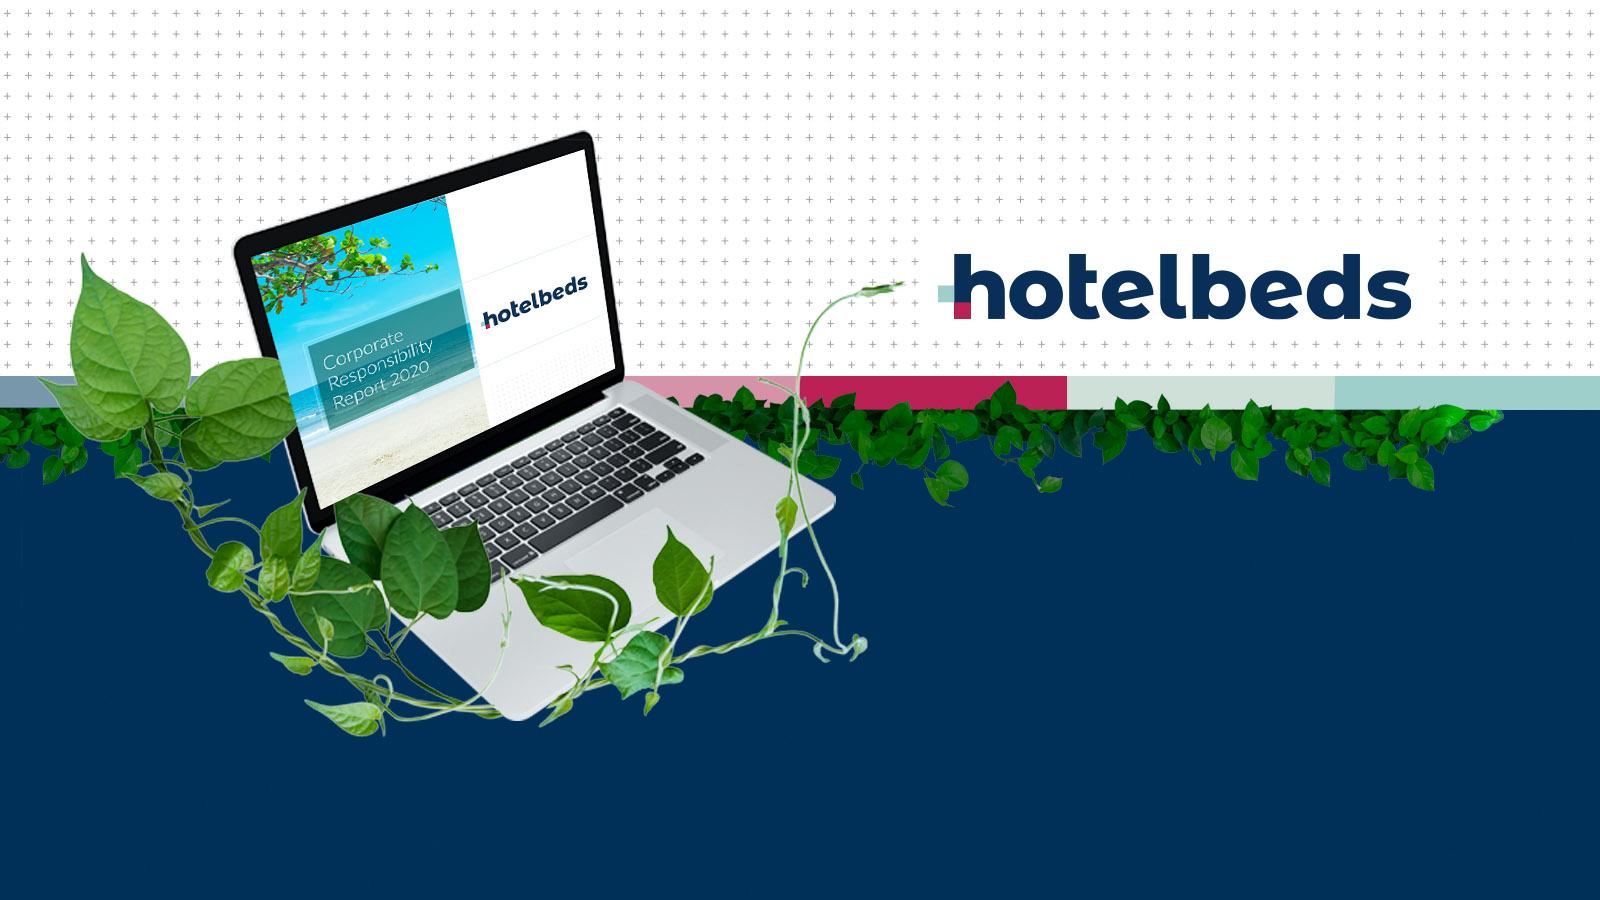 Hotelbeds reafirma su compromiso medioambiental y social con el lanzamiento del informe RSC 2020